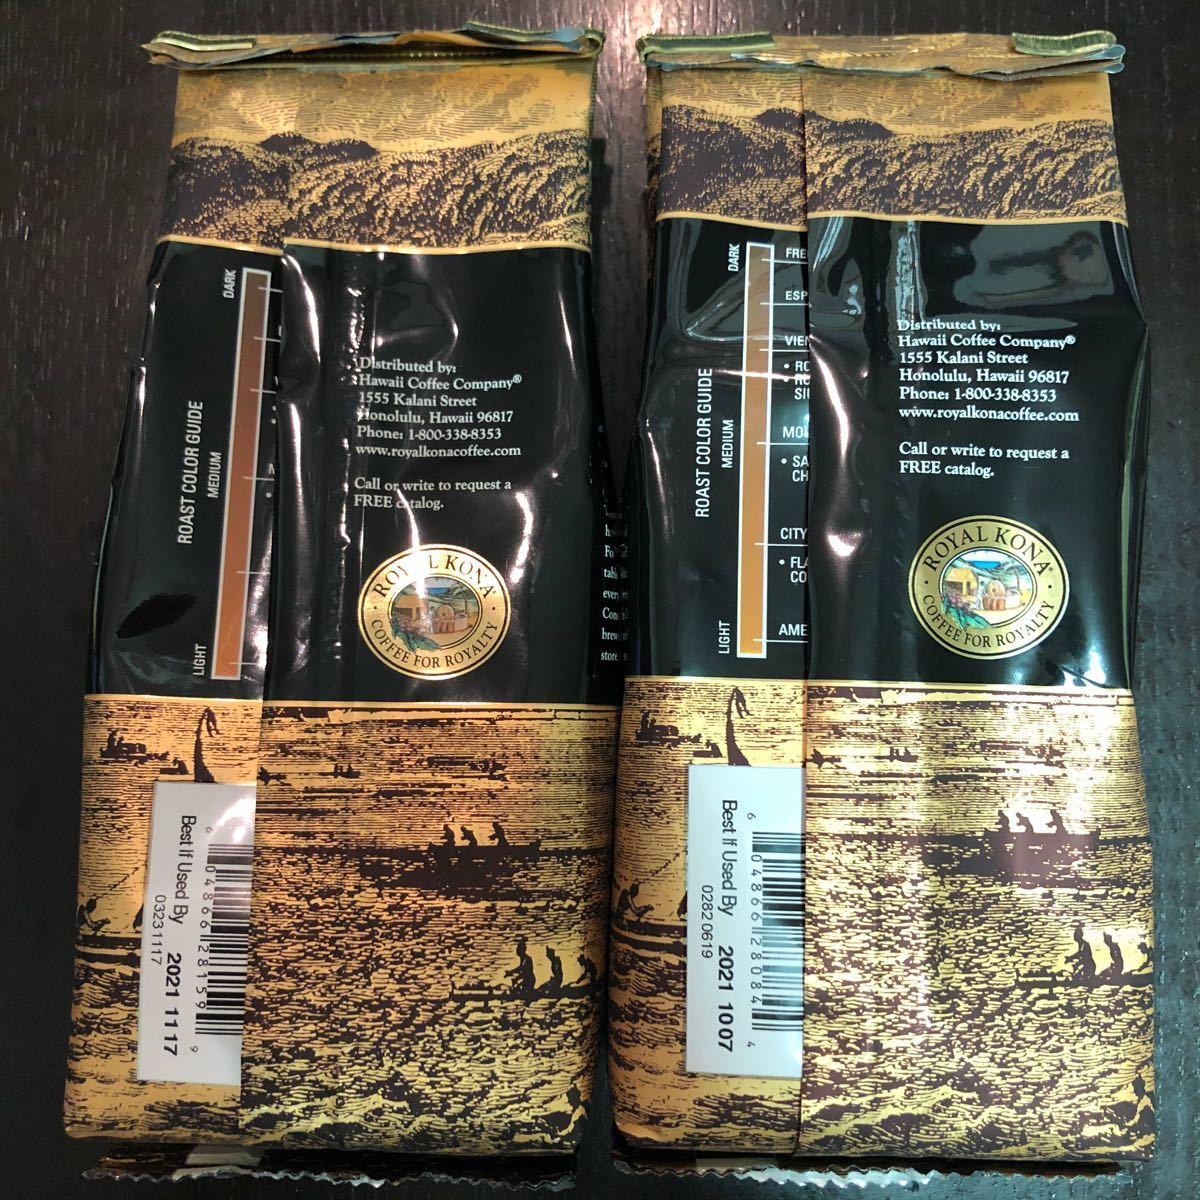 クーポンでお得!フレーバー変更可能 ロイヤルコナコーヒー4袋